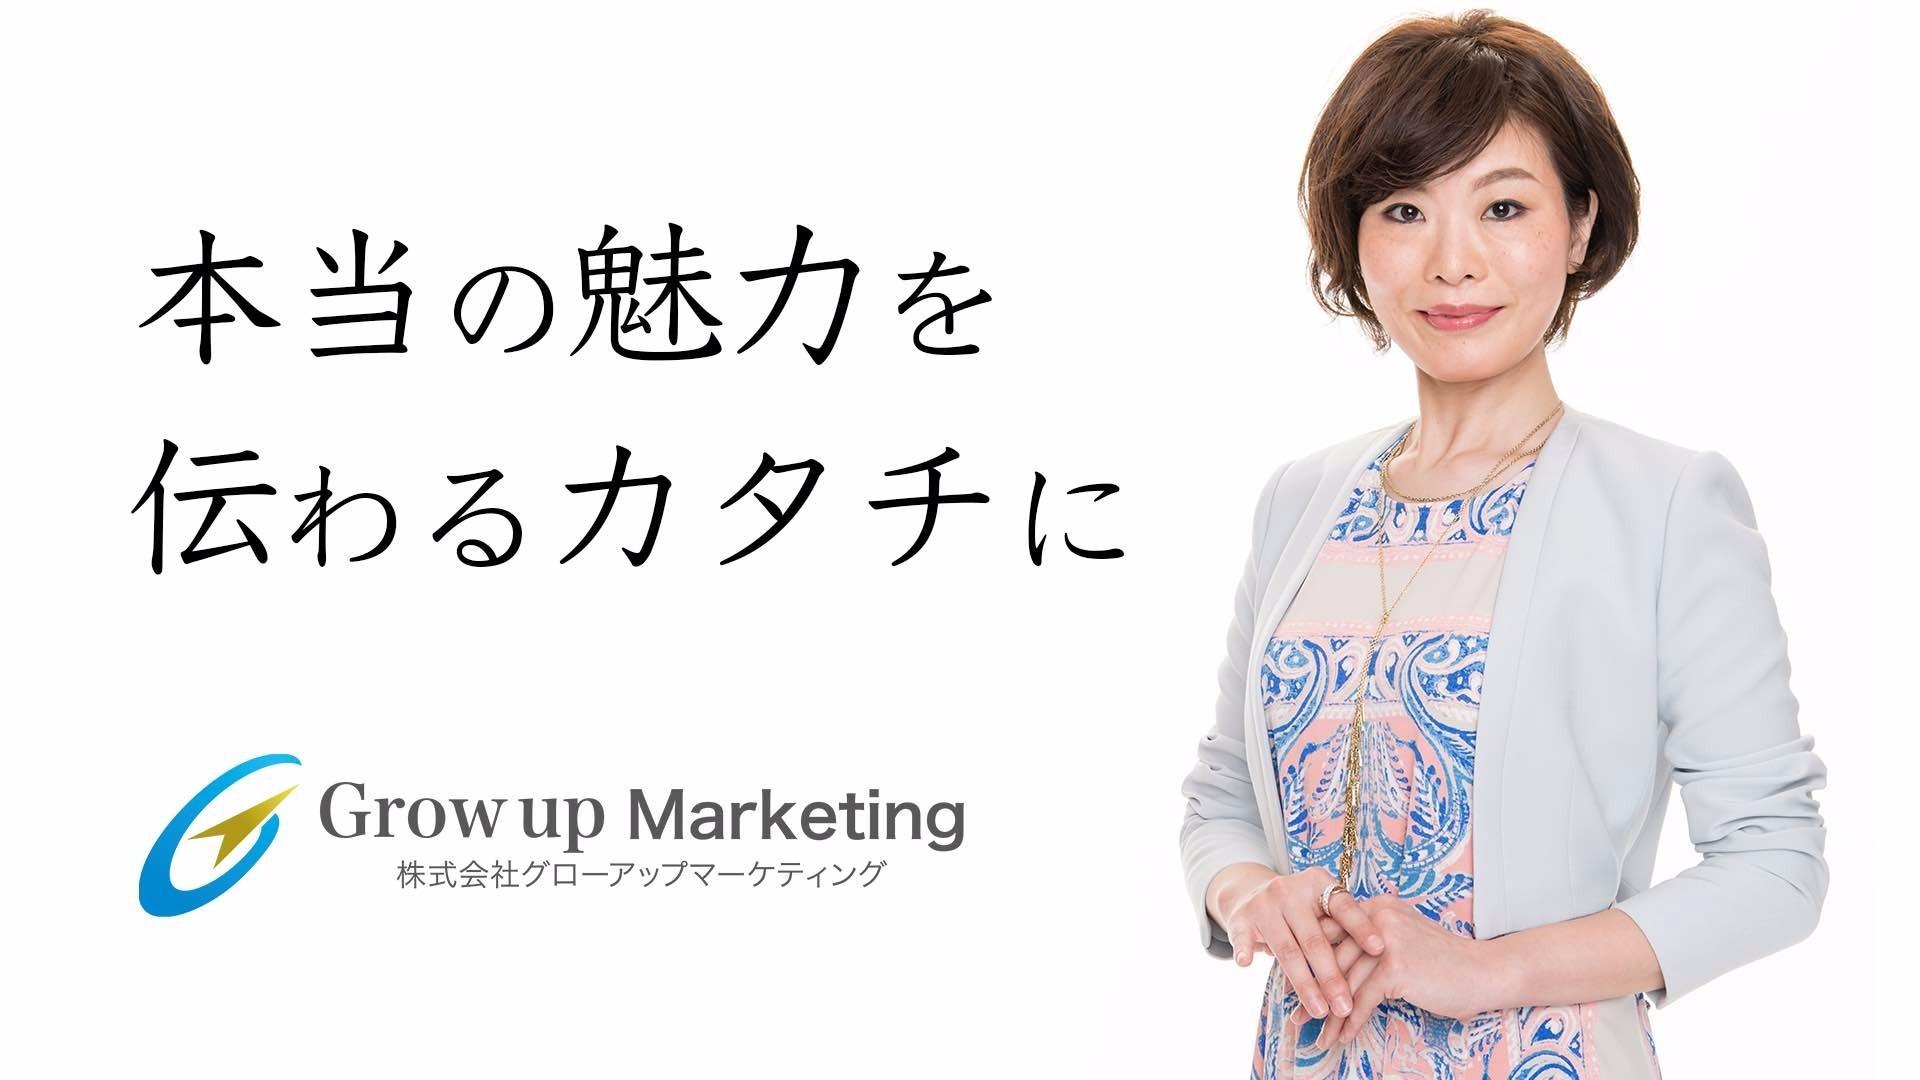 谷本理恵子(女性に売る専門家・ダイレクト出版認定セールスライター)